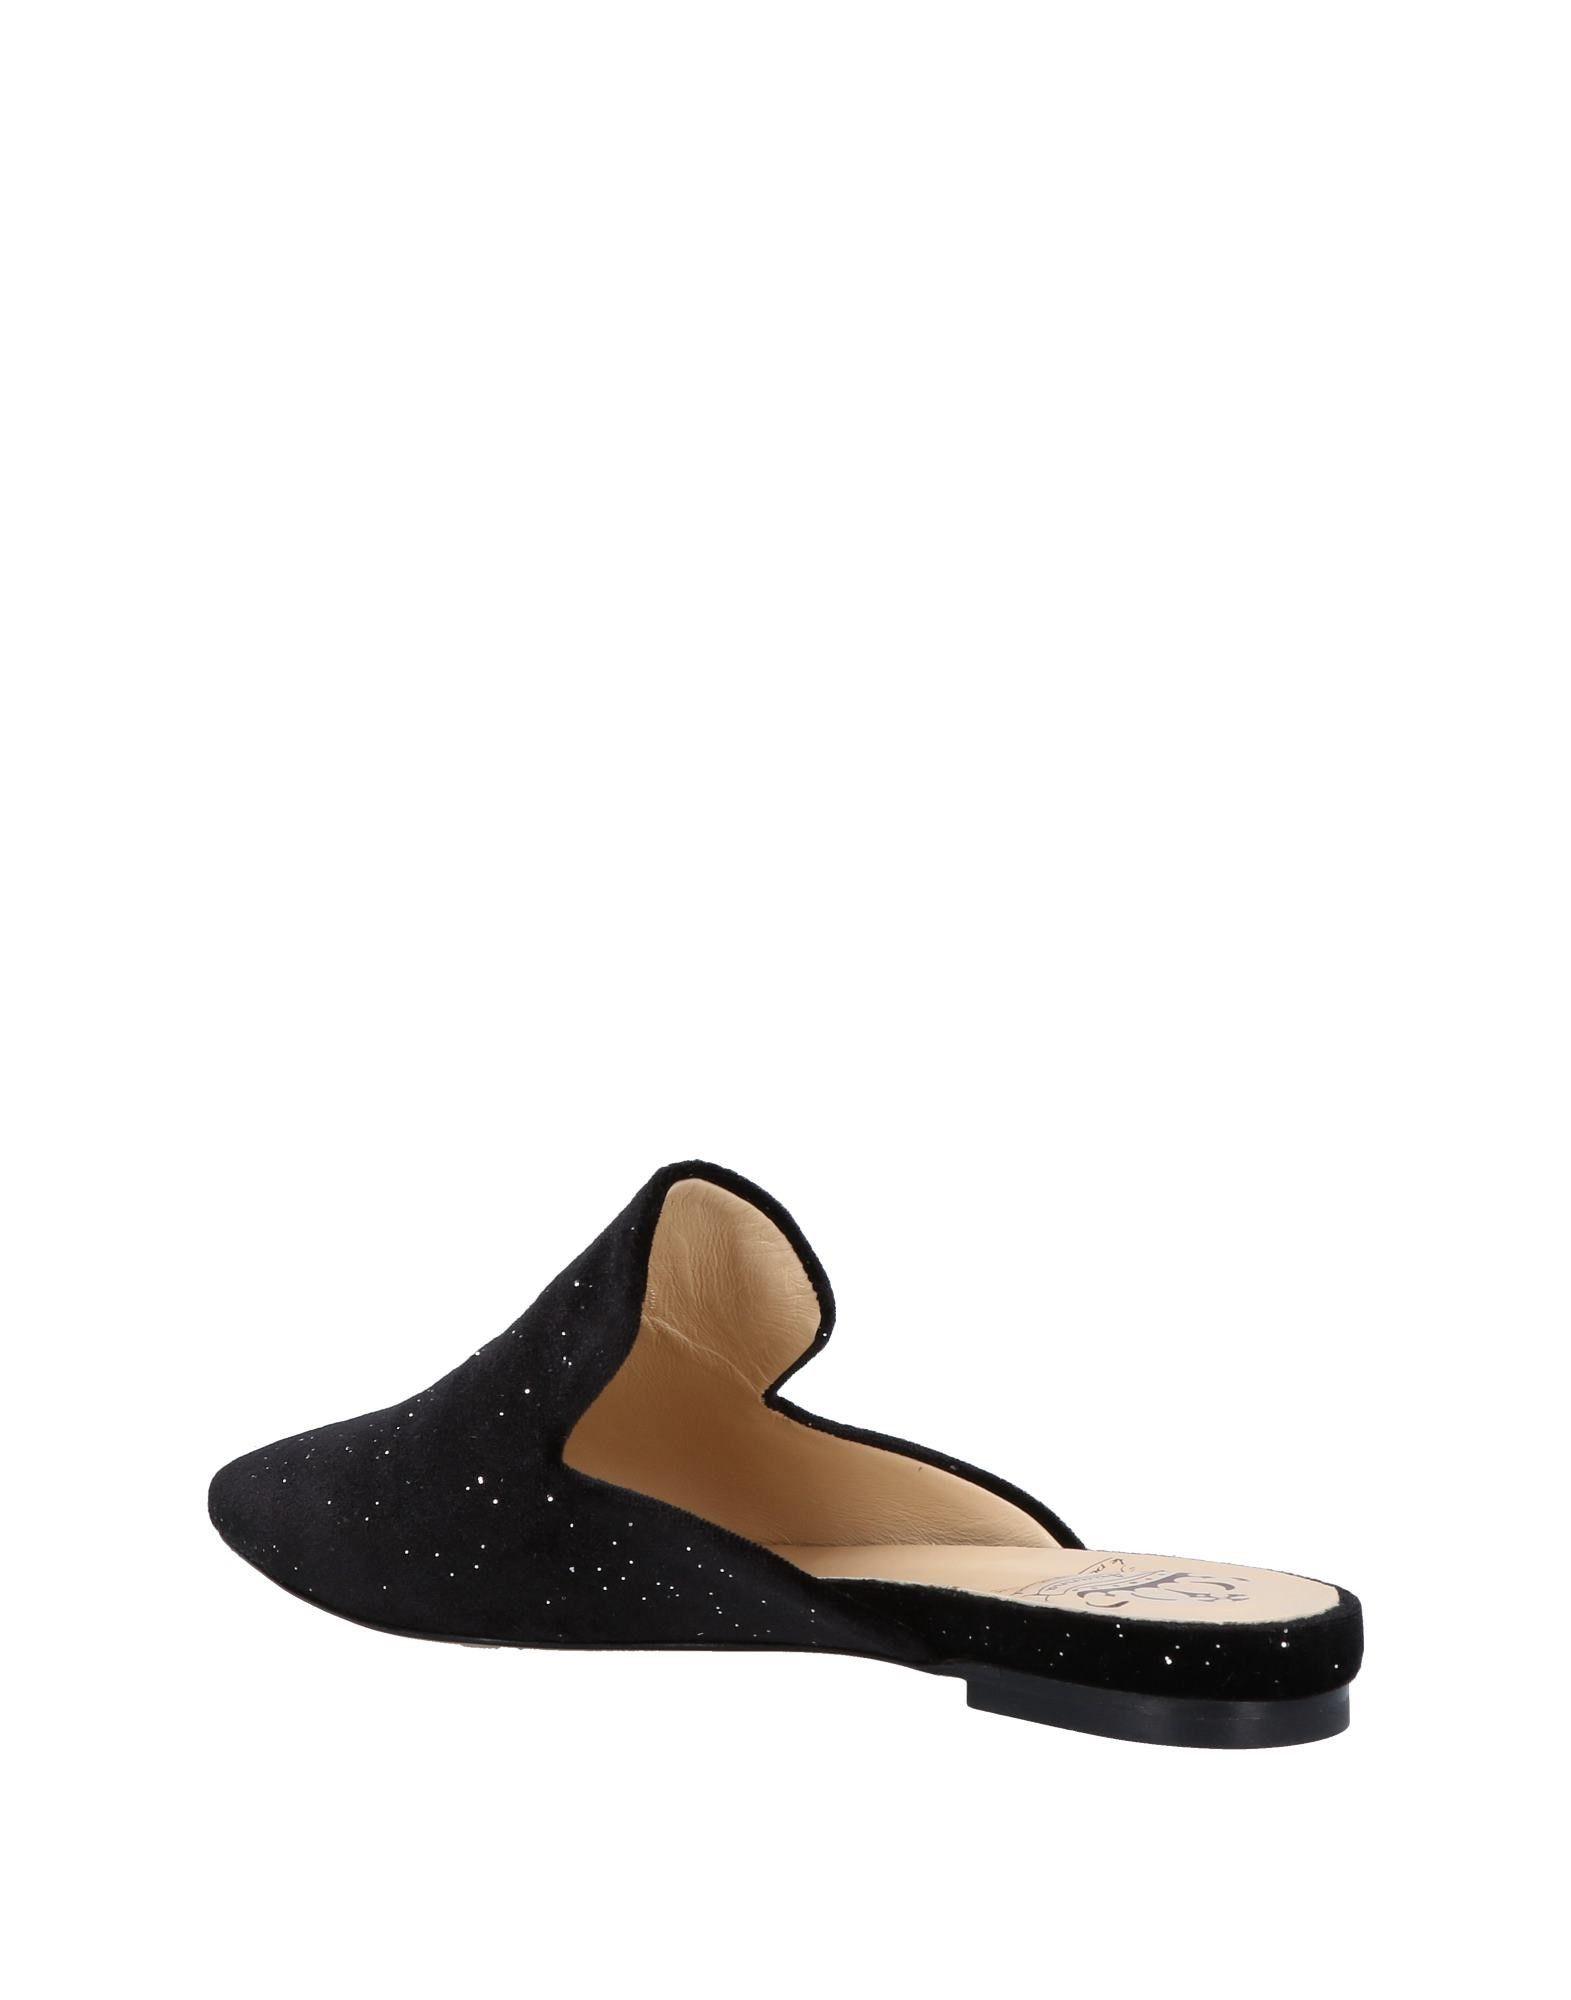 L'arianna Pantoletten Damen  beliebte 11465803NJ Gute Qualität beliebte  Schuhe 4e8892